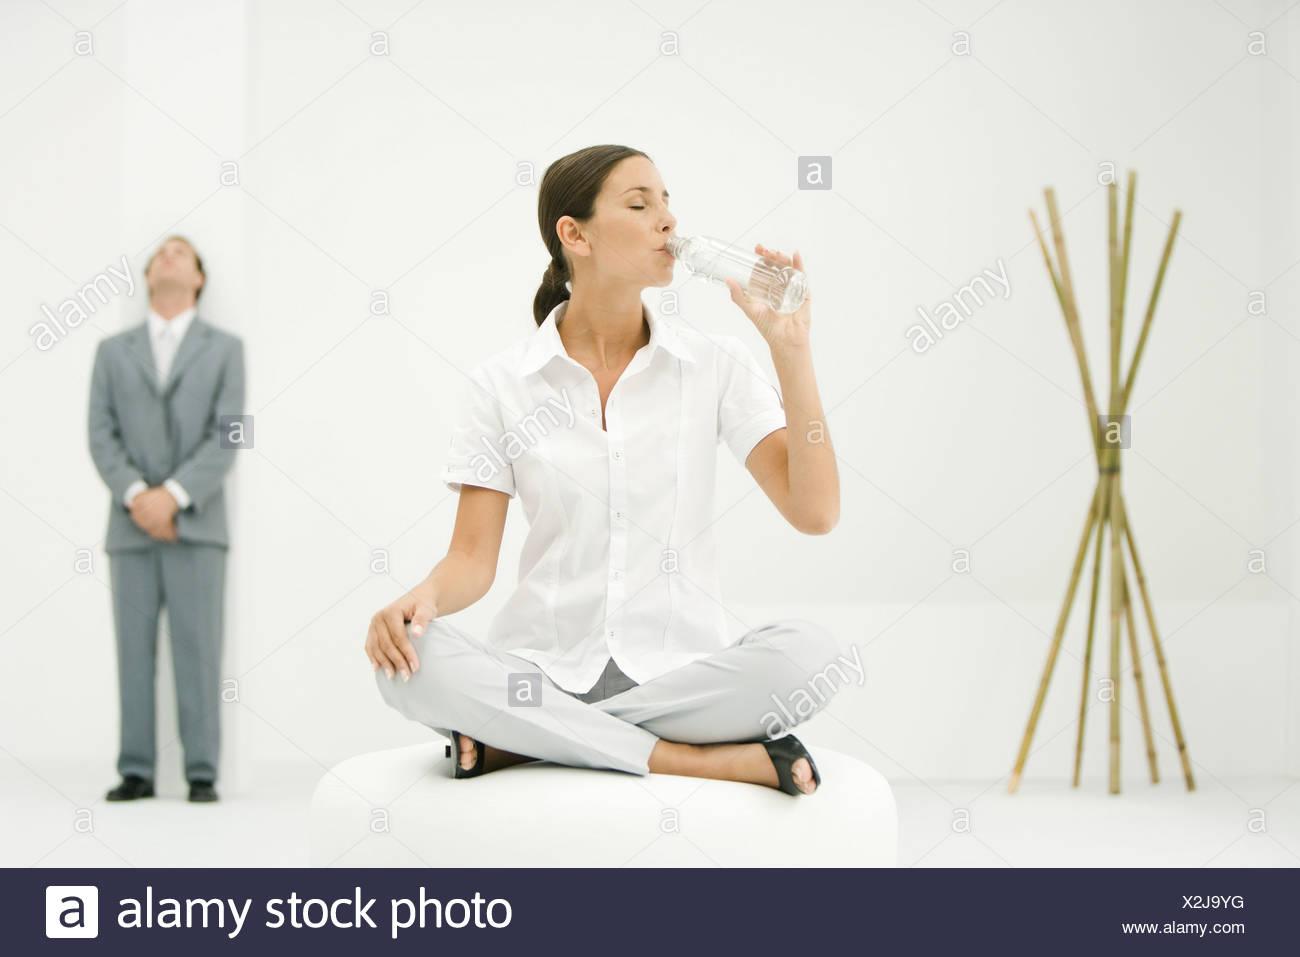 Berufstatige Frau Sitzen Auf Ottomane Trinken Aus Der Flasche